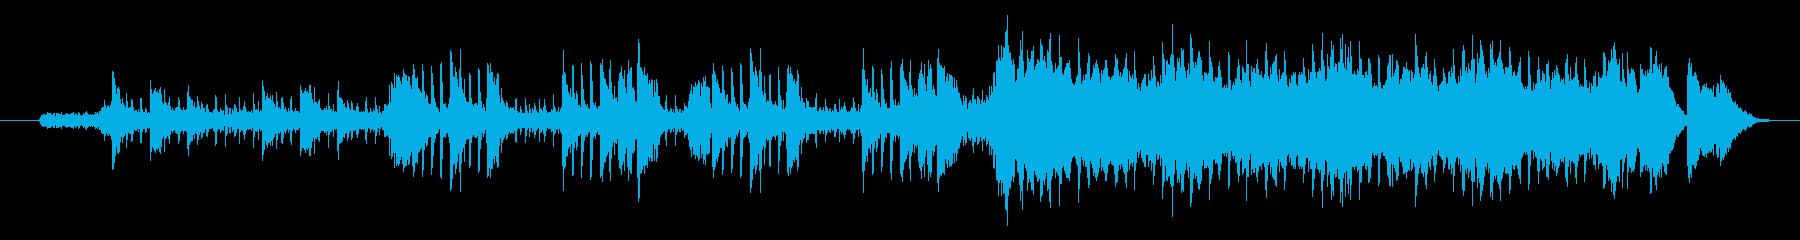 ピアノ、女性ボーカルを使った美しいEDMの再生済みの波形